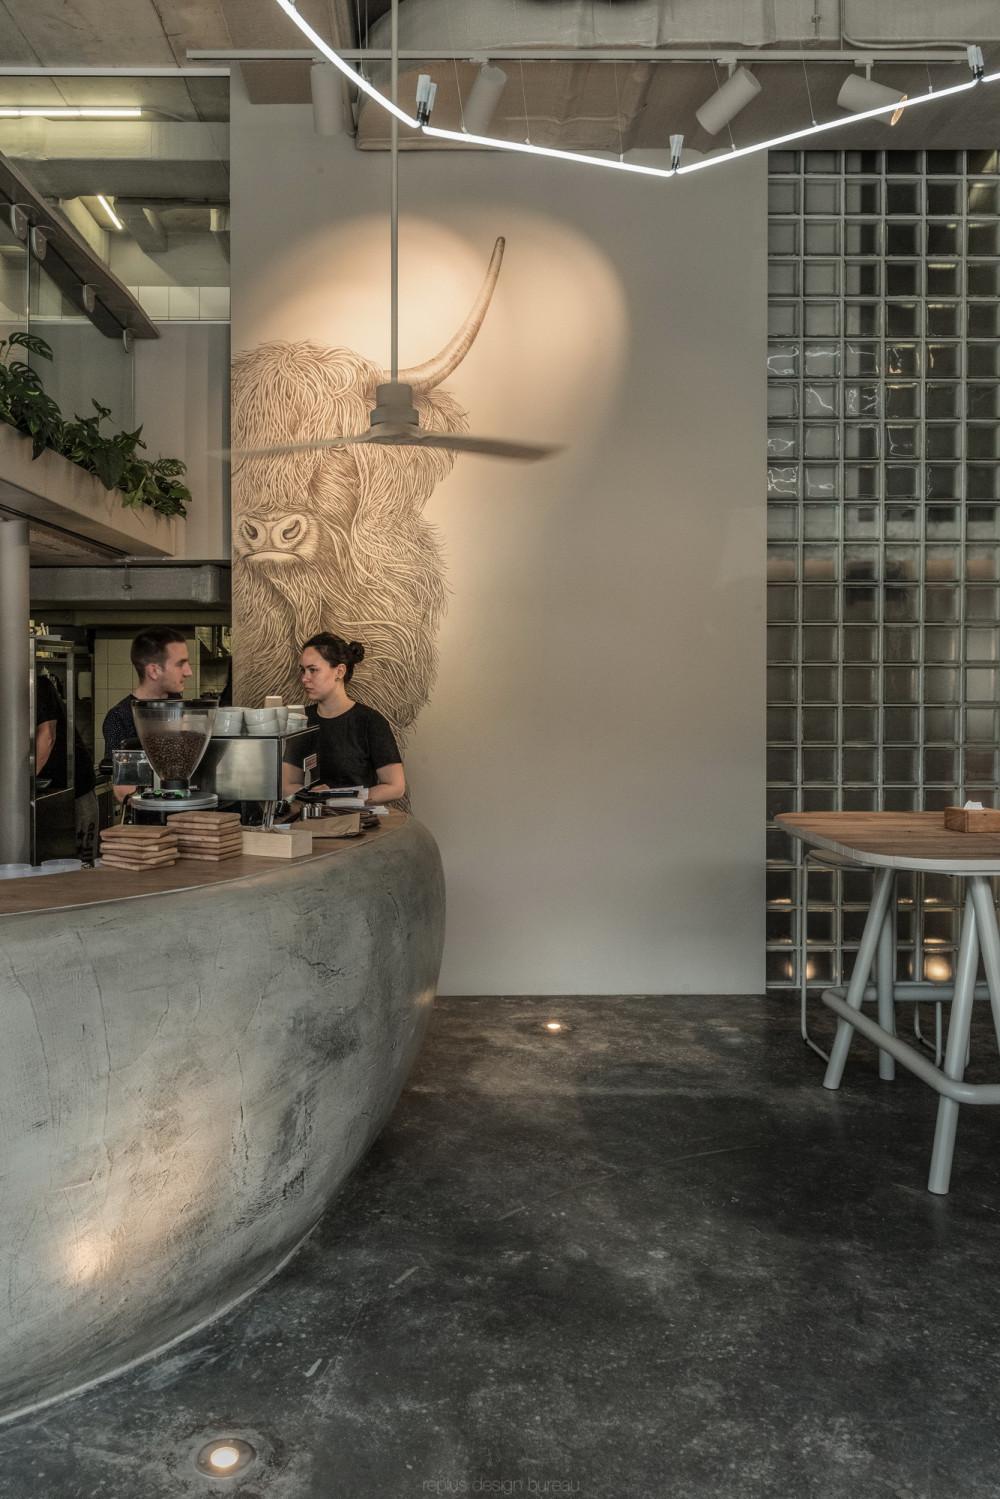 replus design bureau 設計 | OM NOM NOM 素食咖啡館